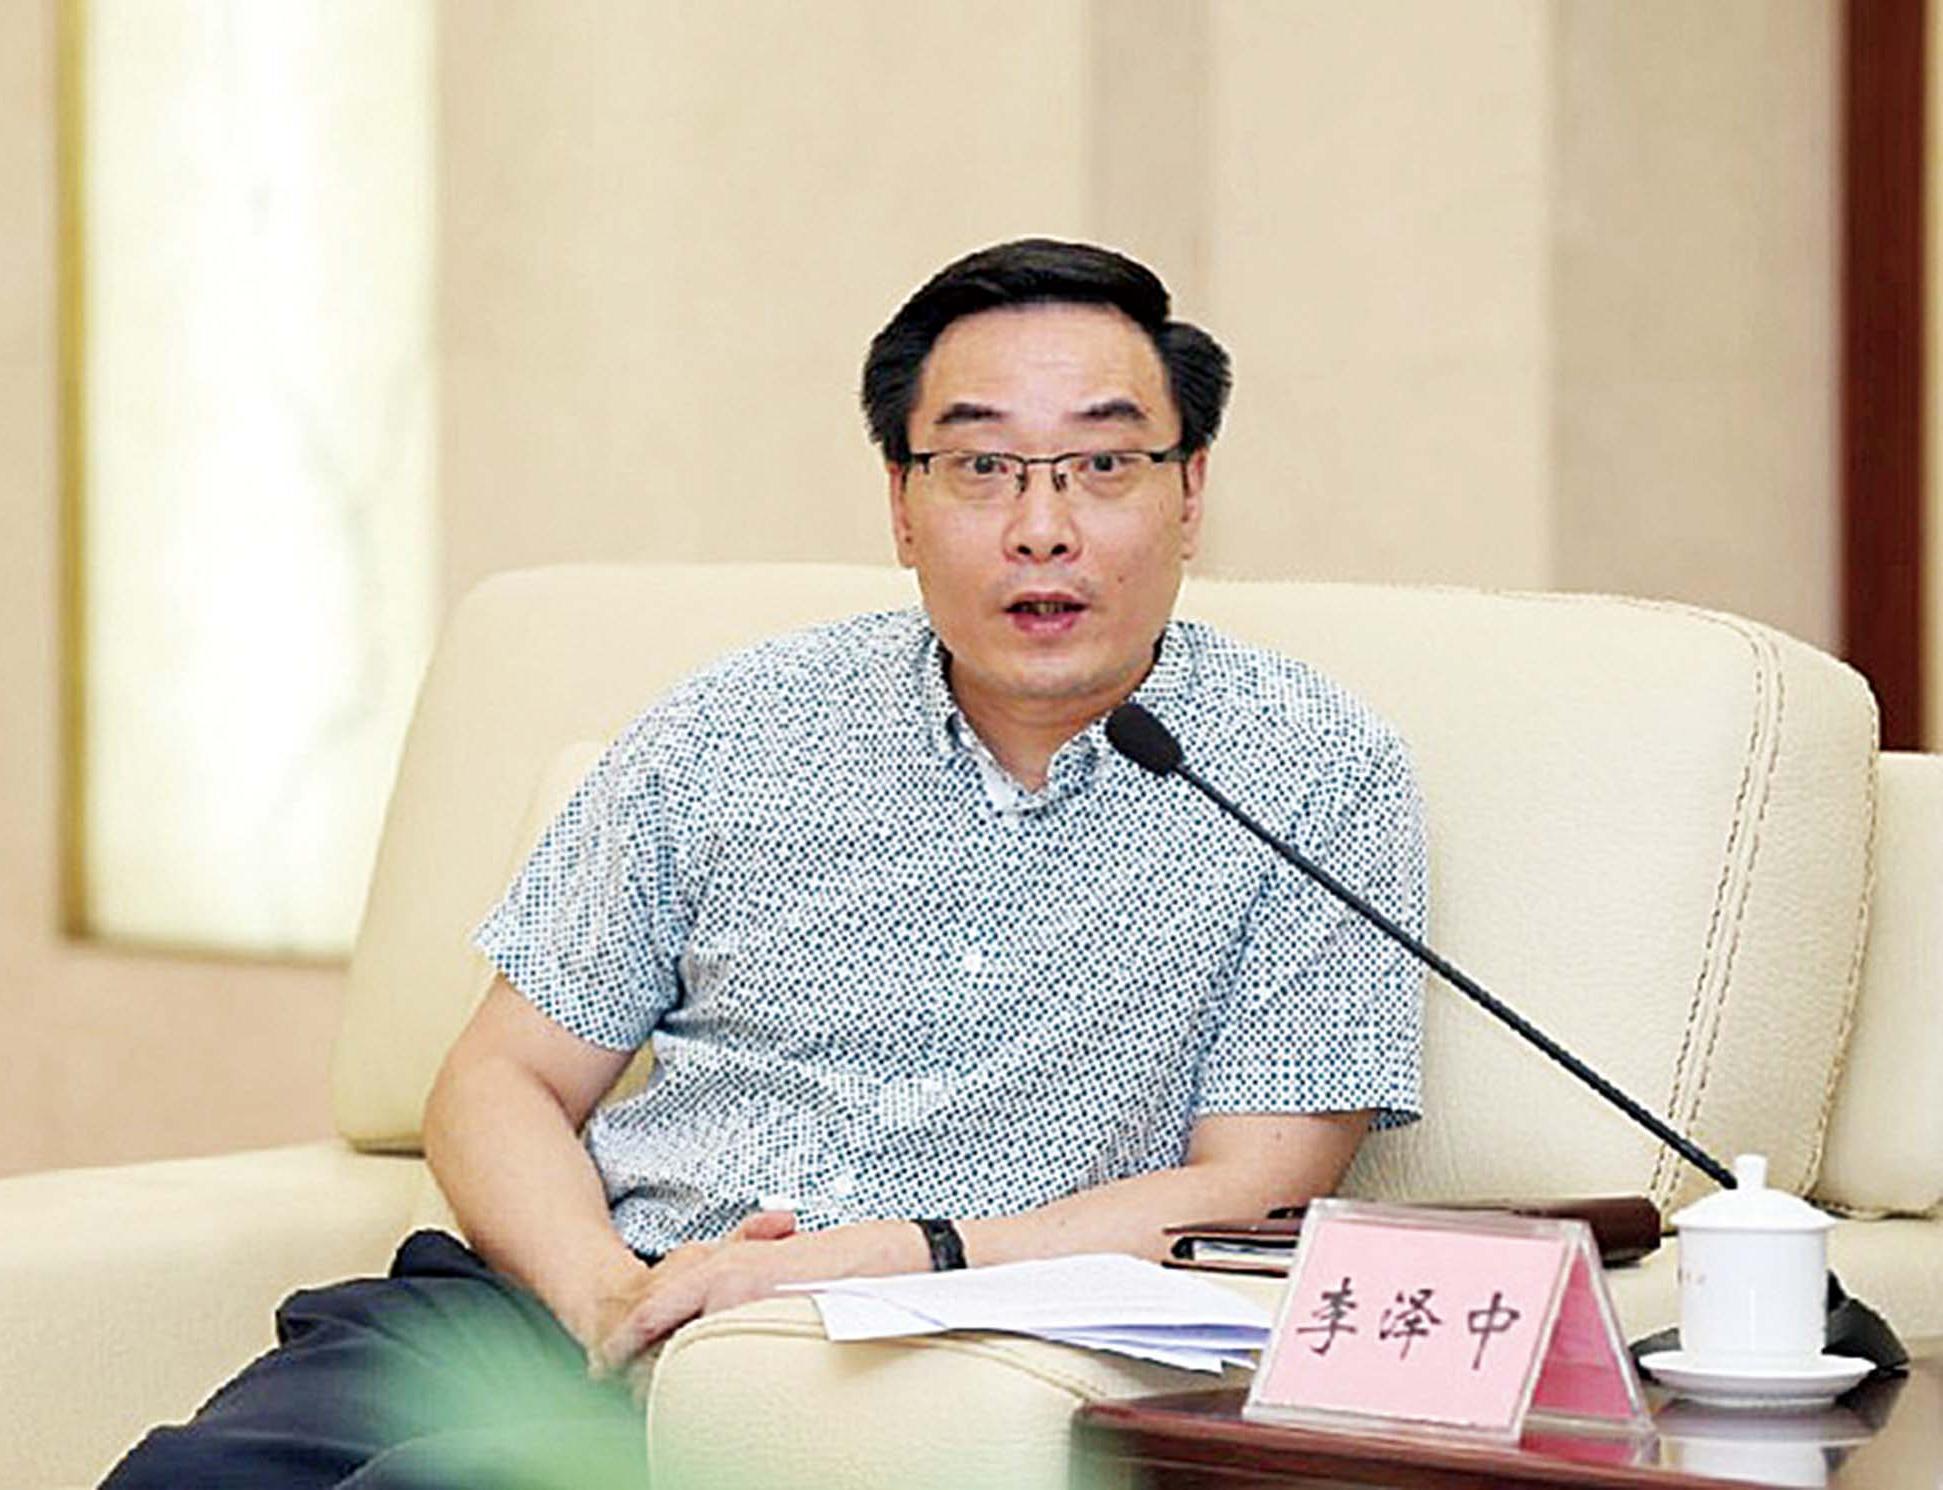 珠海市長李澤中落馬